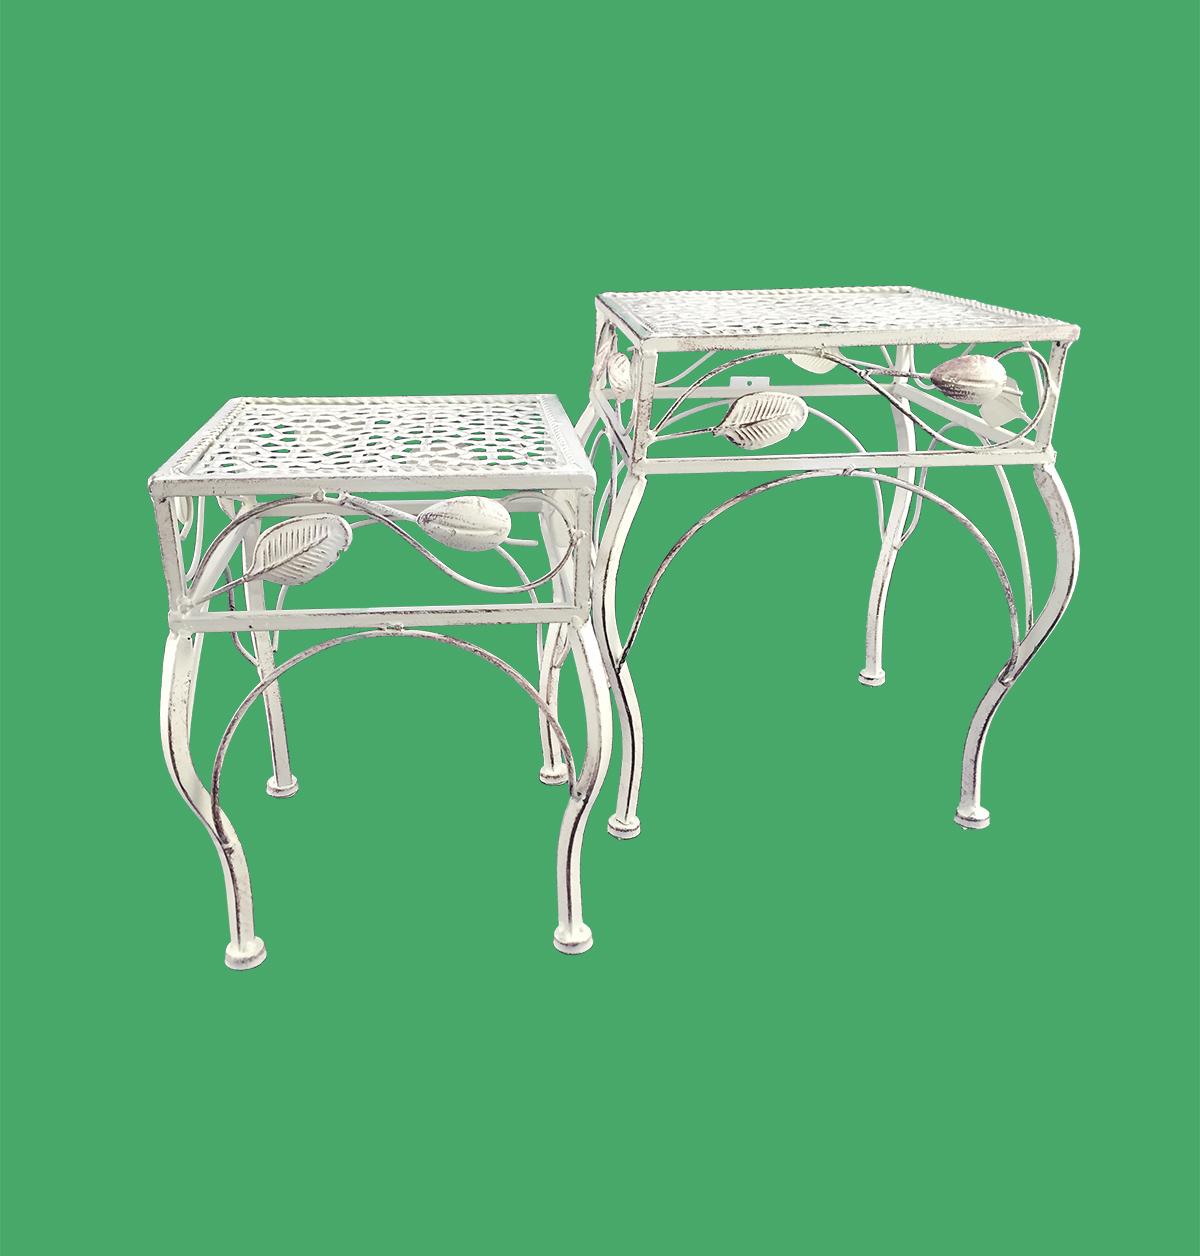 Gartentisch beistelltisch dekor garten for Dekor garten schirrle